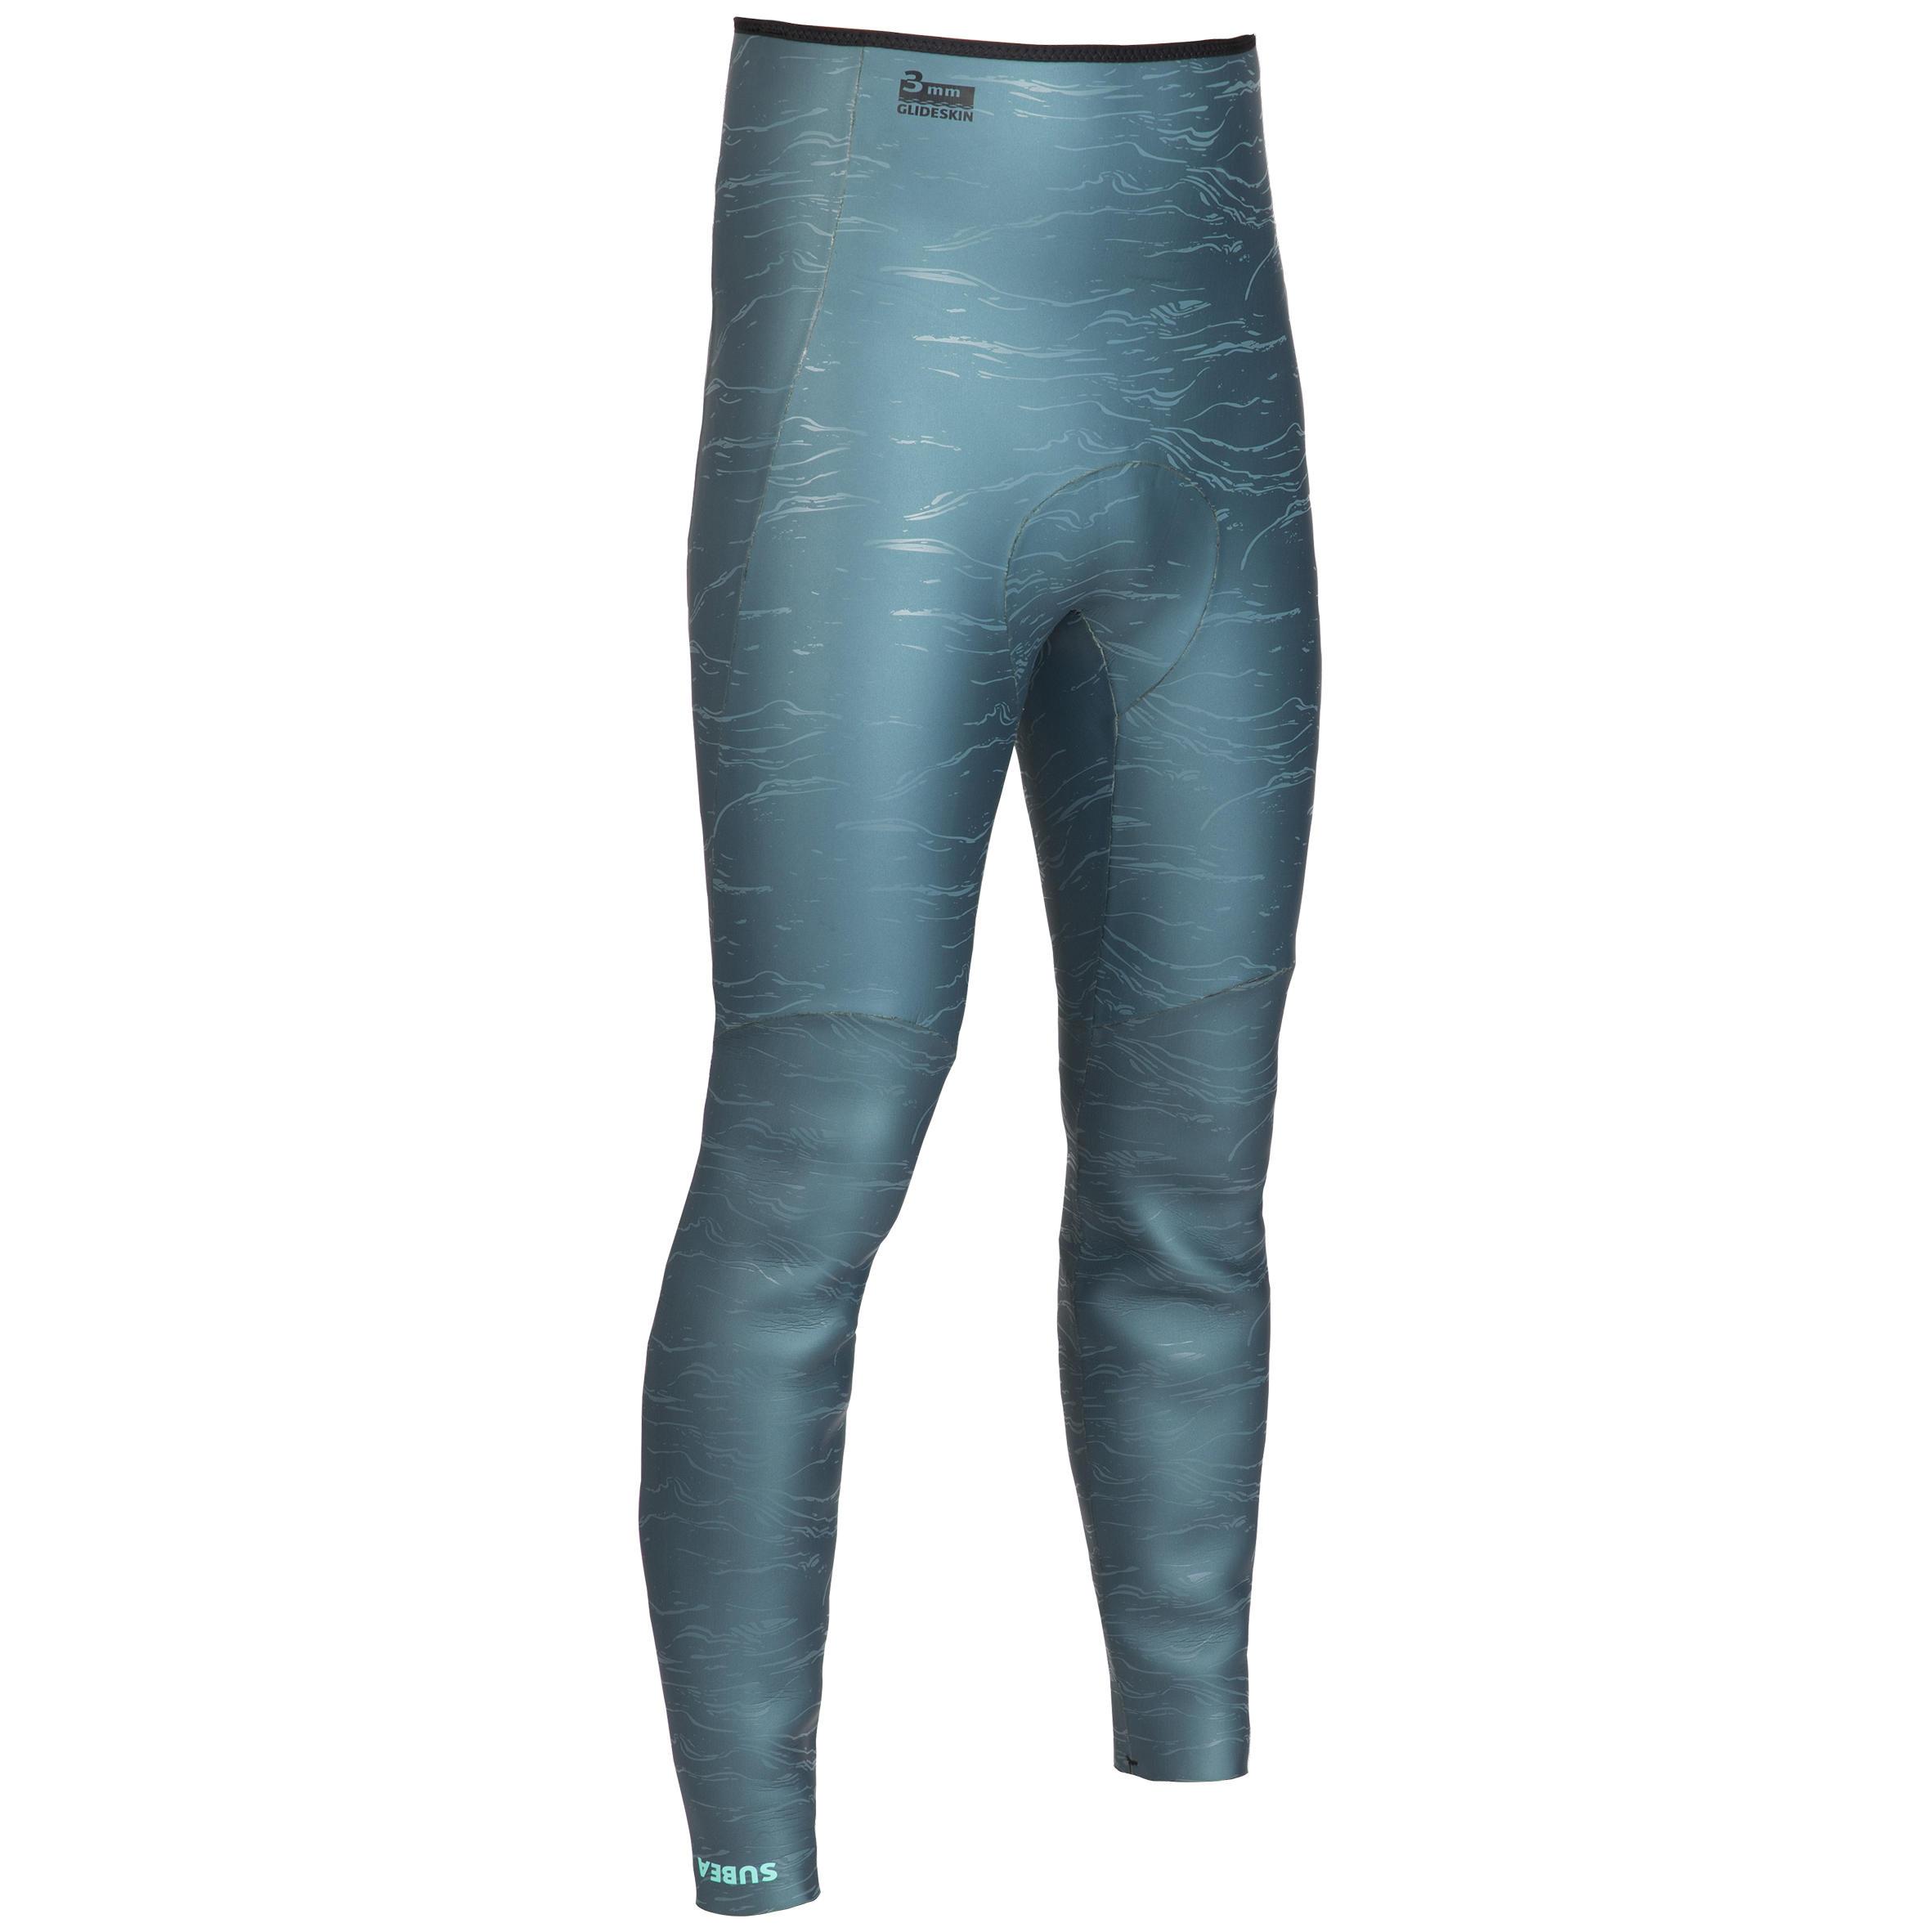 Subea Broek voor freediving-pak neopreen 3 mm FRD900 grijs groen